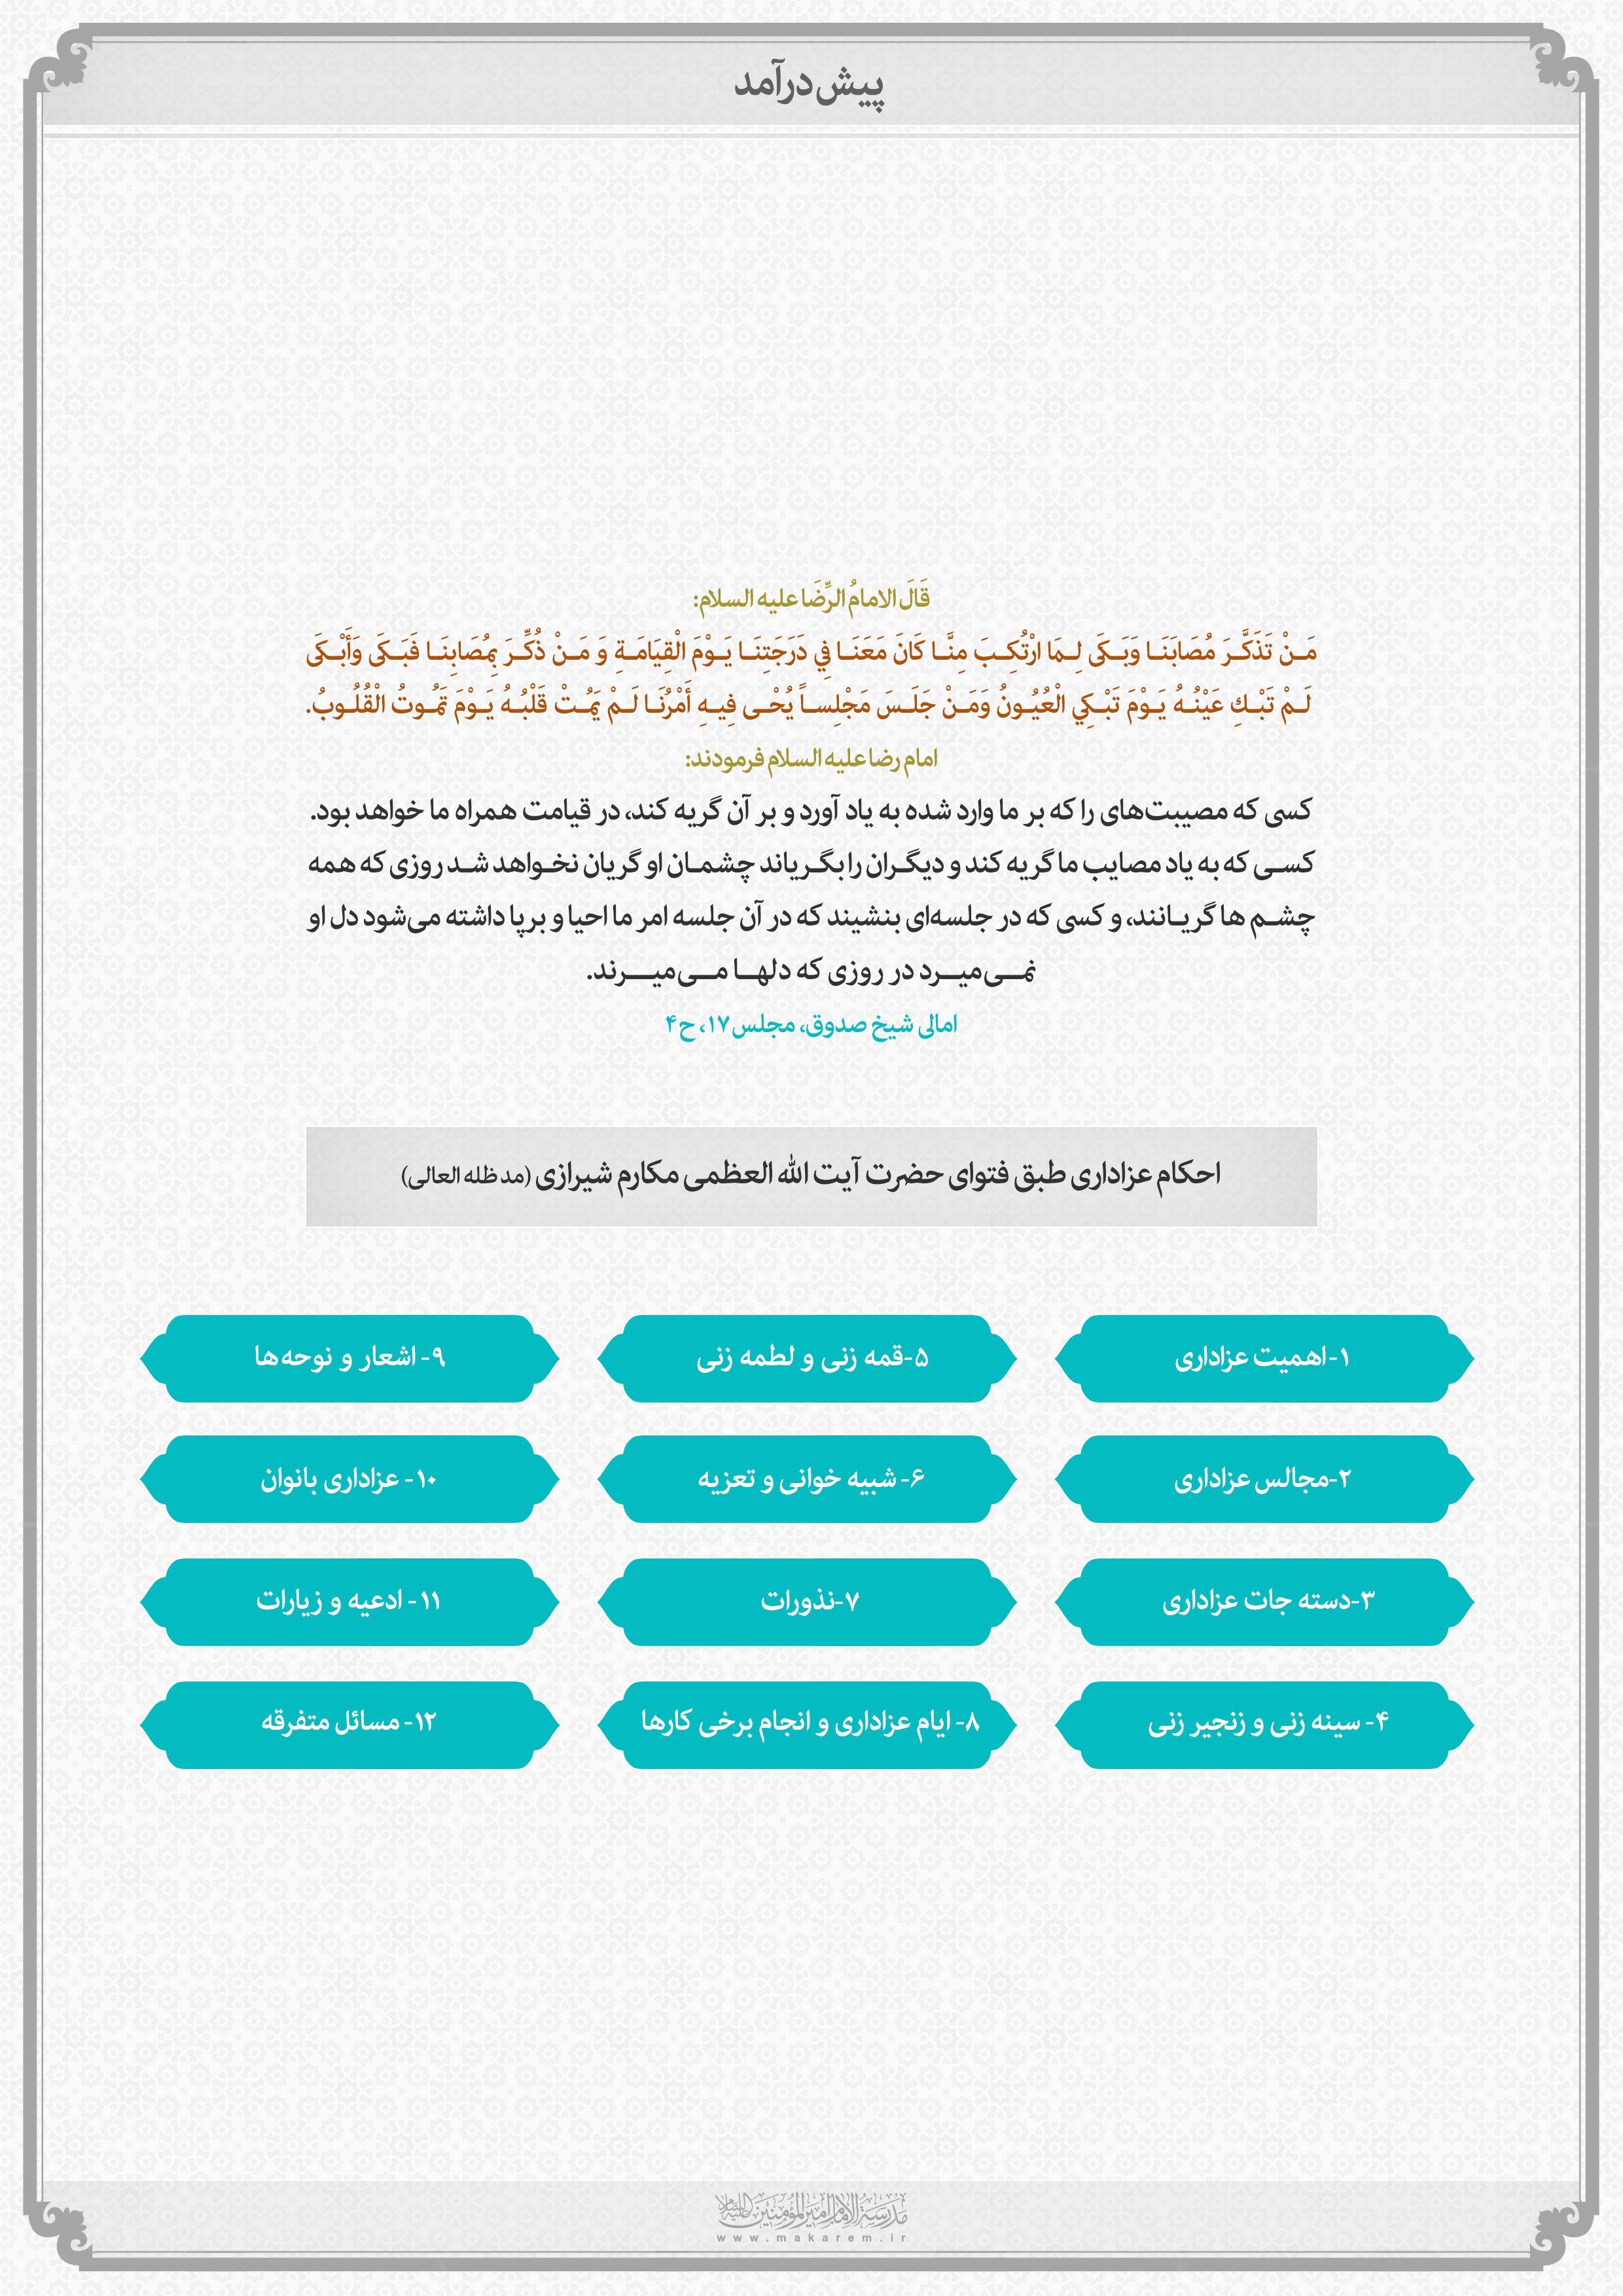 احکام عزاداری طبق فتوای حضرت آیت الله العظمی مکارم شیرازی-مدرسه الامام امیر المومنین (ع)